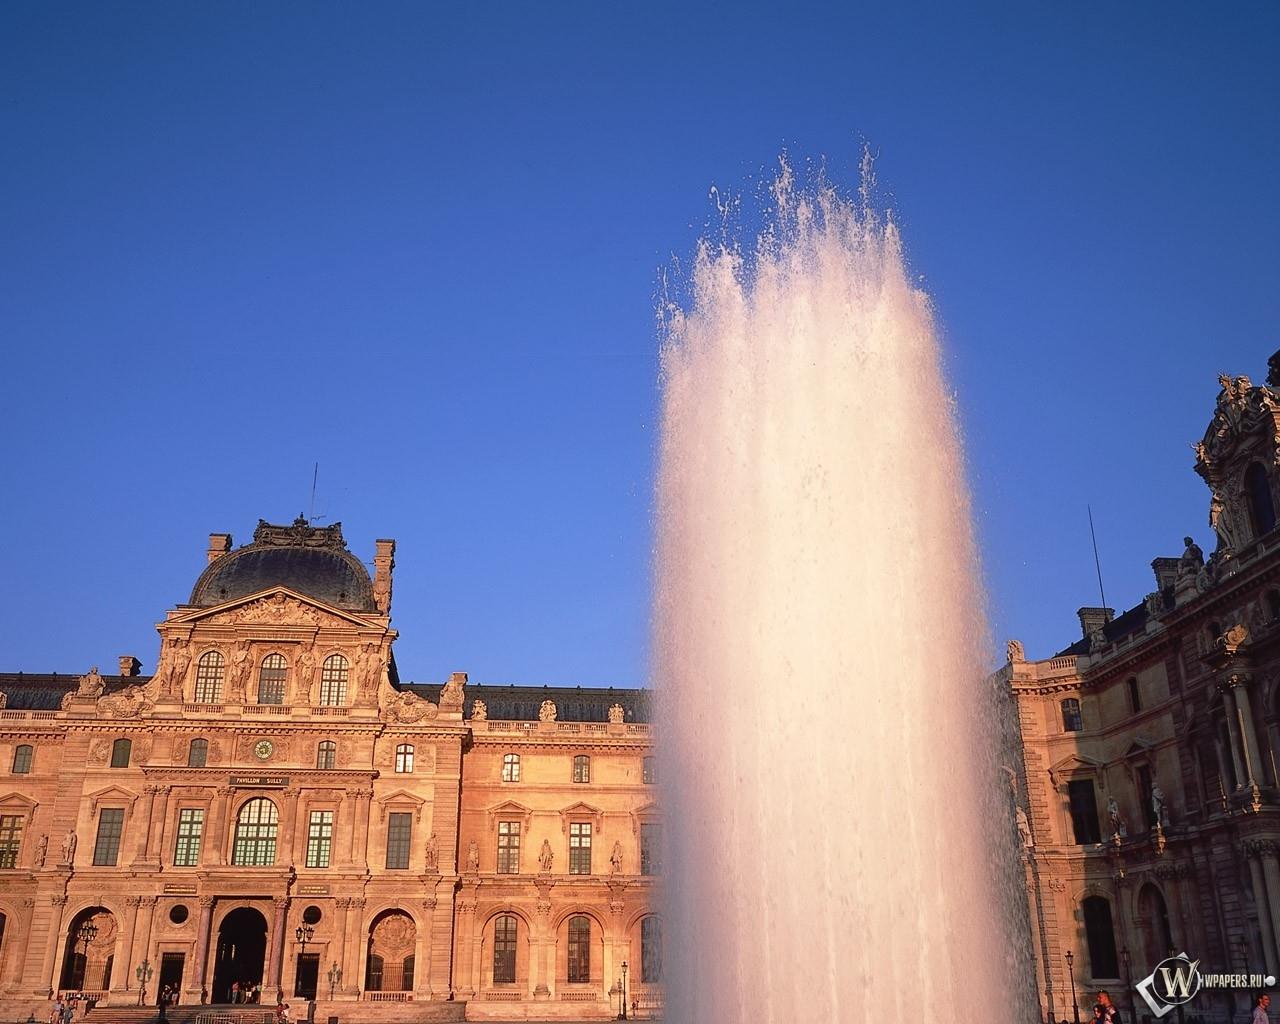 Фонтан в париже 1280x1024